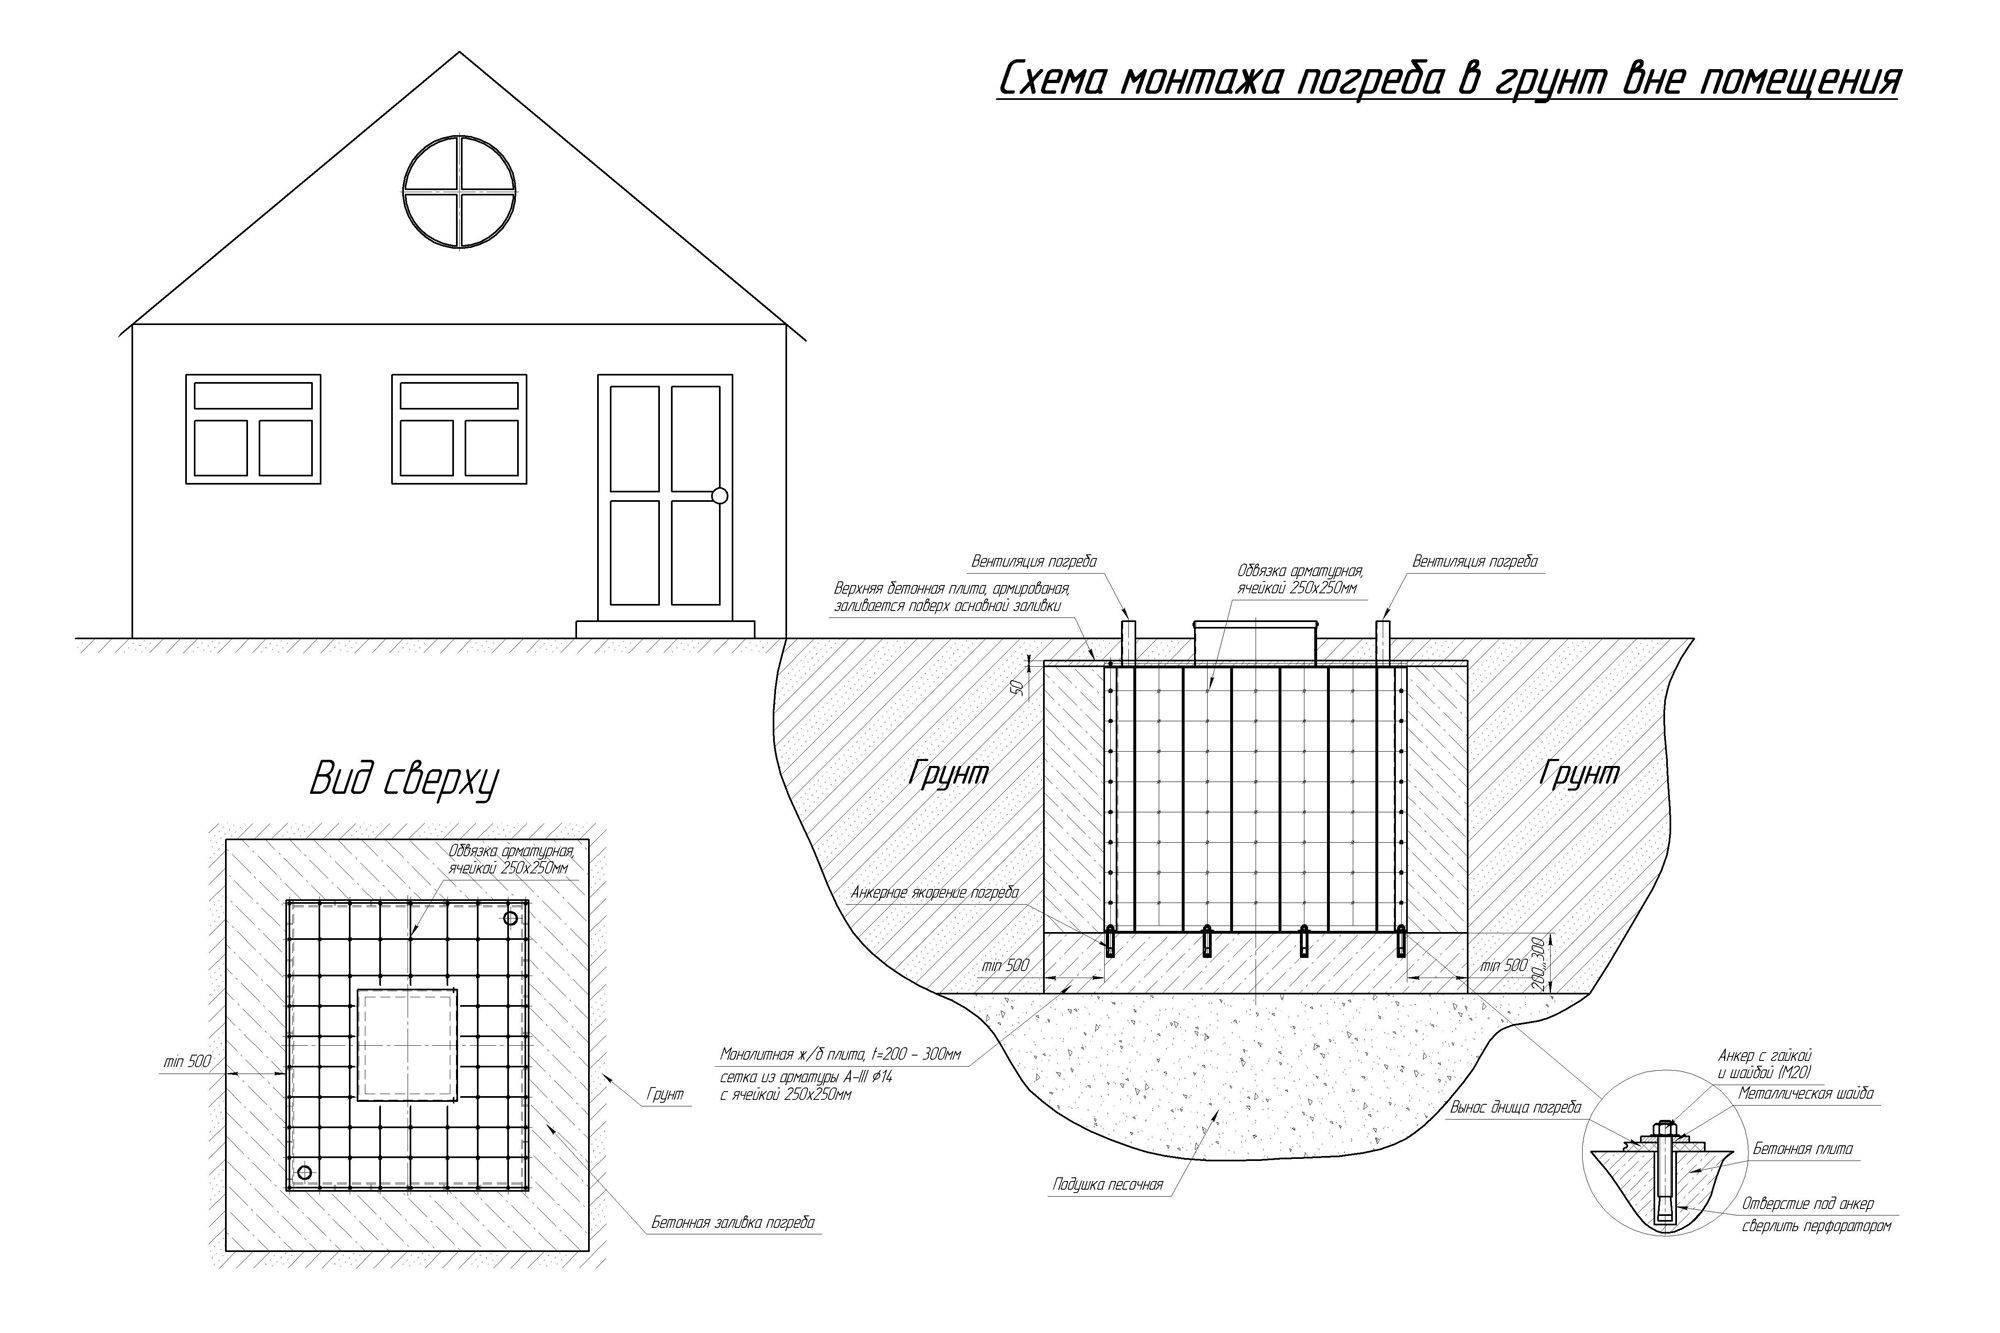 Кессон для погреба: их устройство, виды и установка